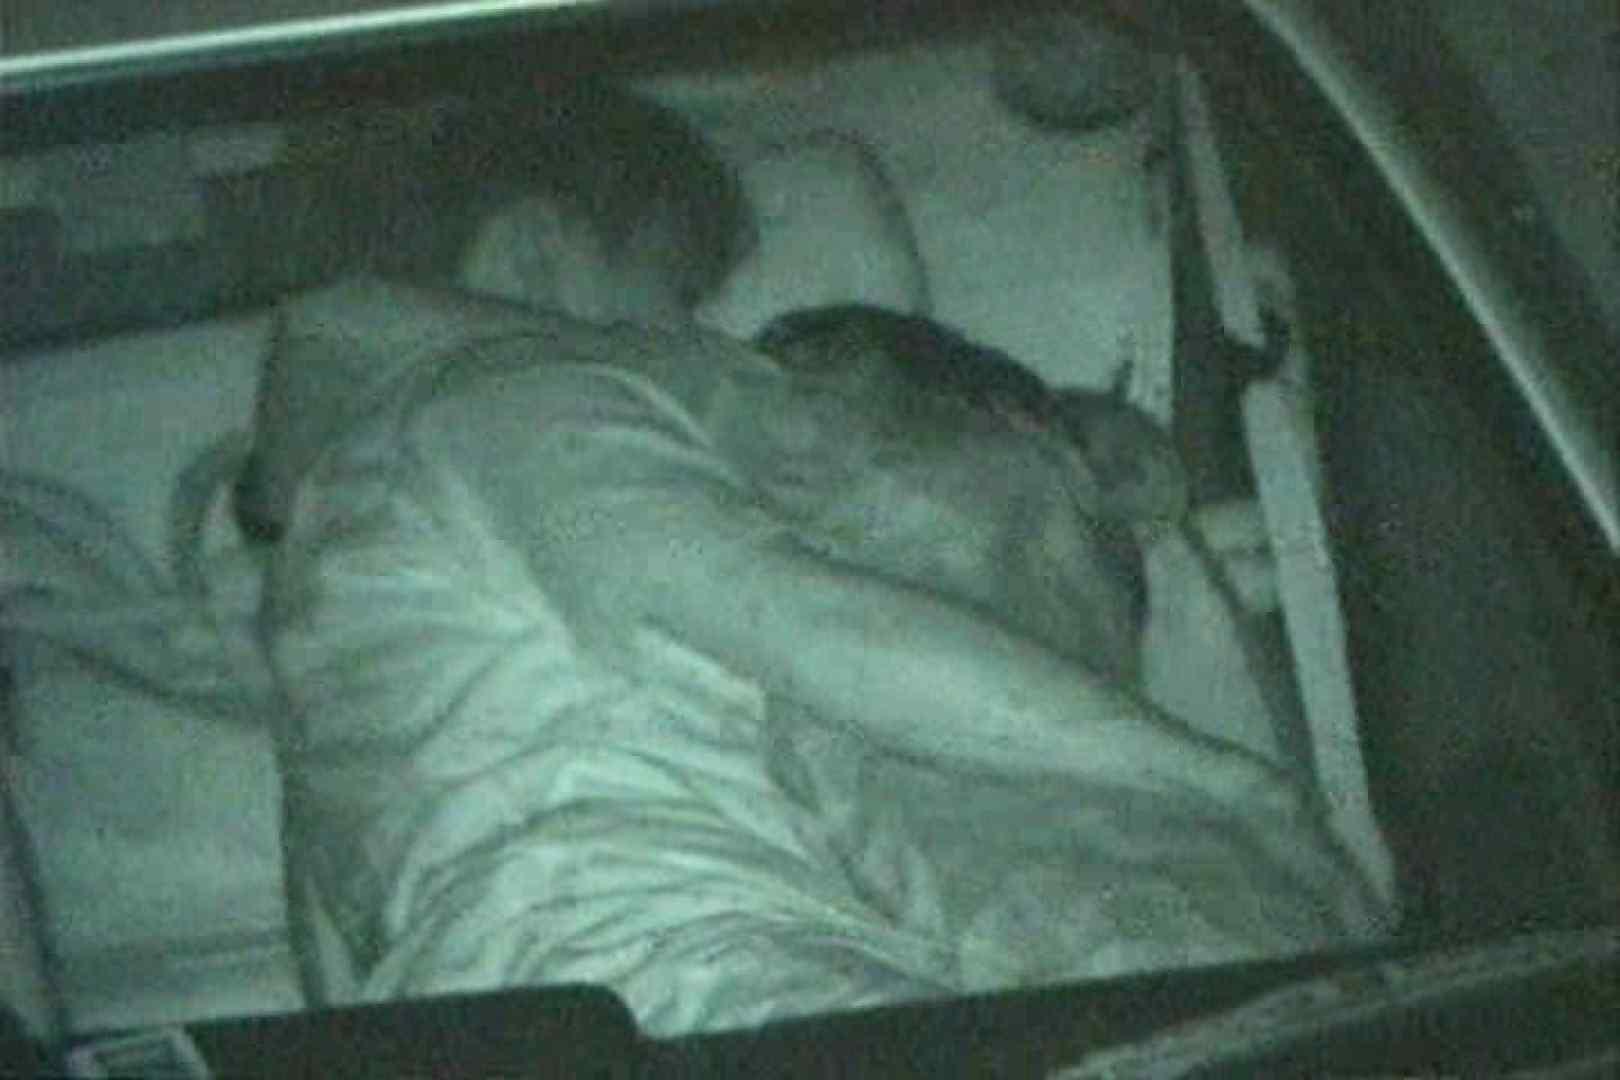 車の中はラブホテル 無修正版  Vol.24 ホテルでエッチ 盗撮エロ画像 56pic 33